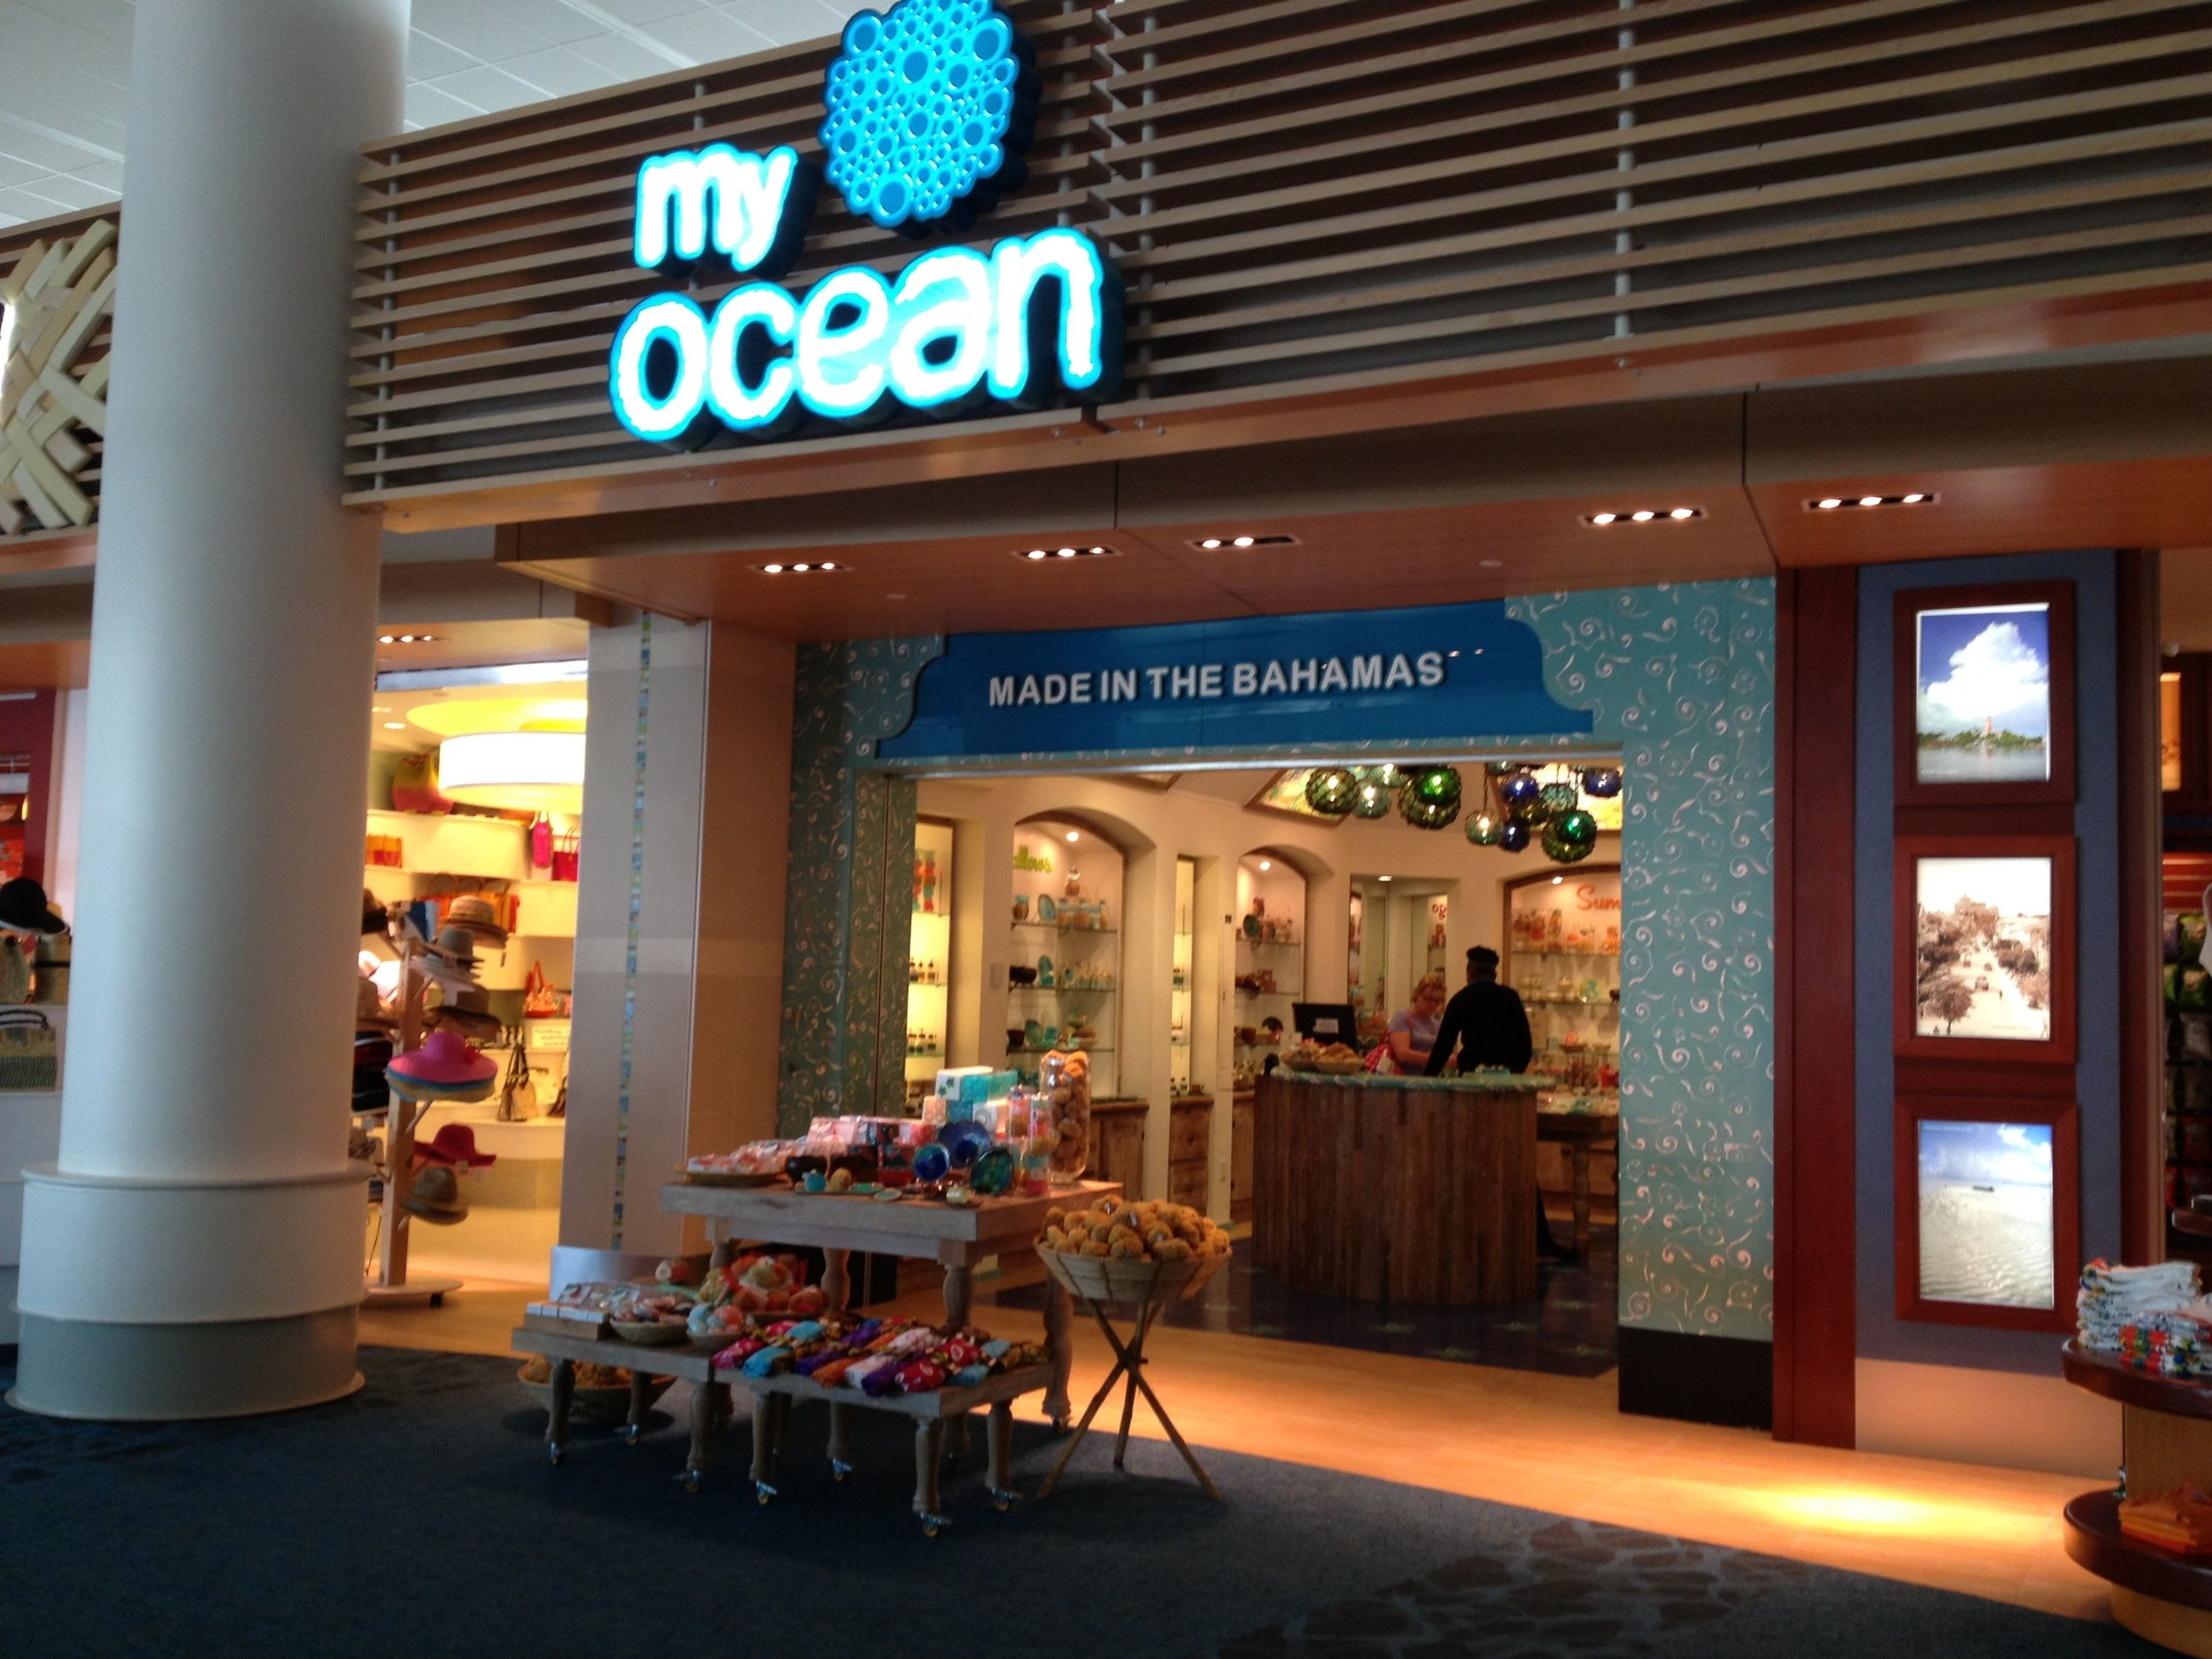 myocean